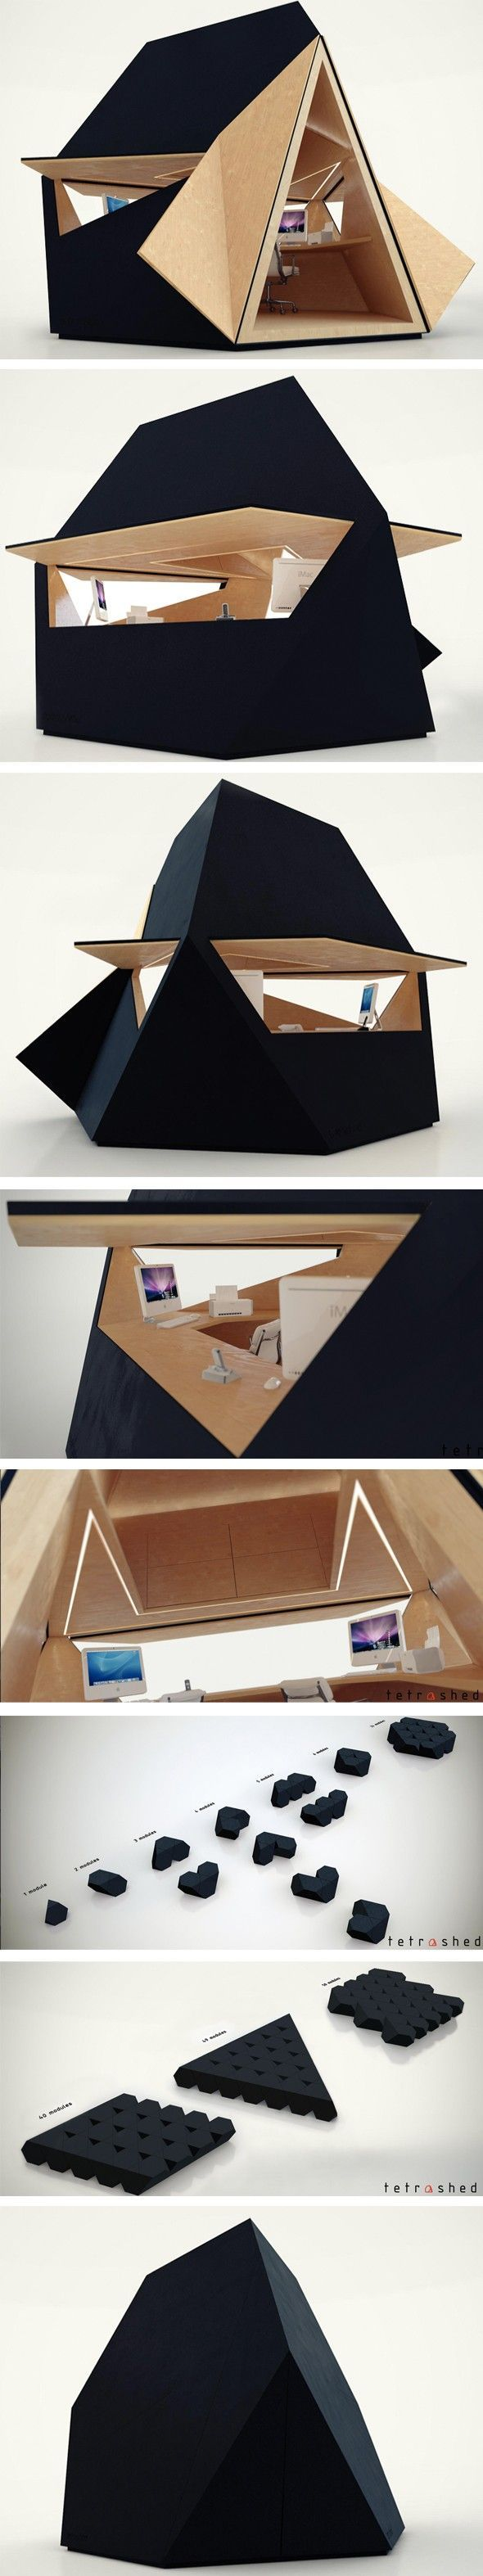 Bureau/module/noir/composition/former/déploiement/construction                                                                                                                                                                                 Plus